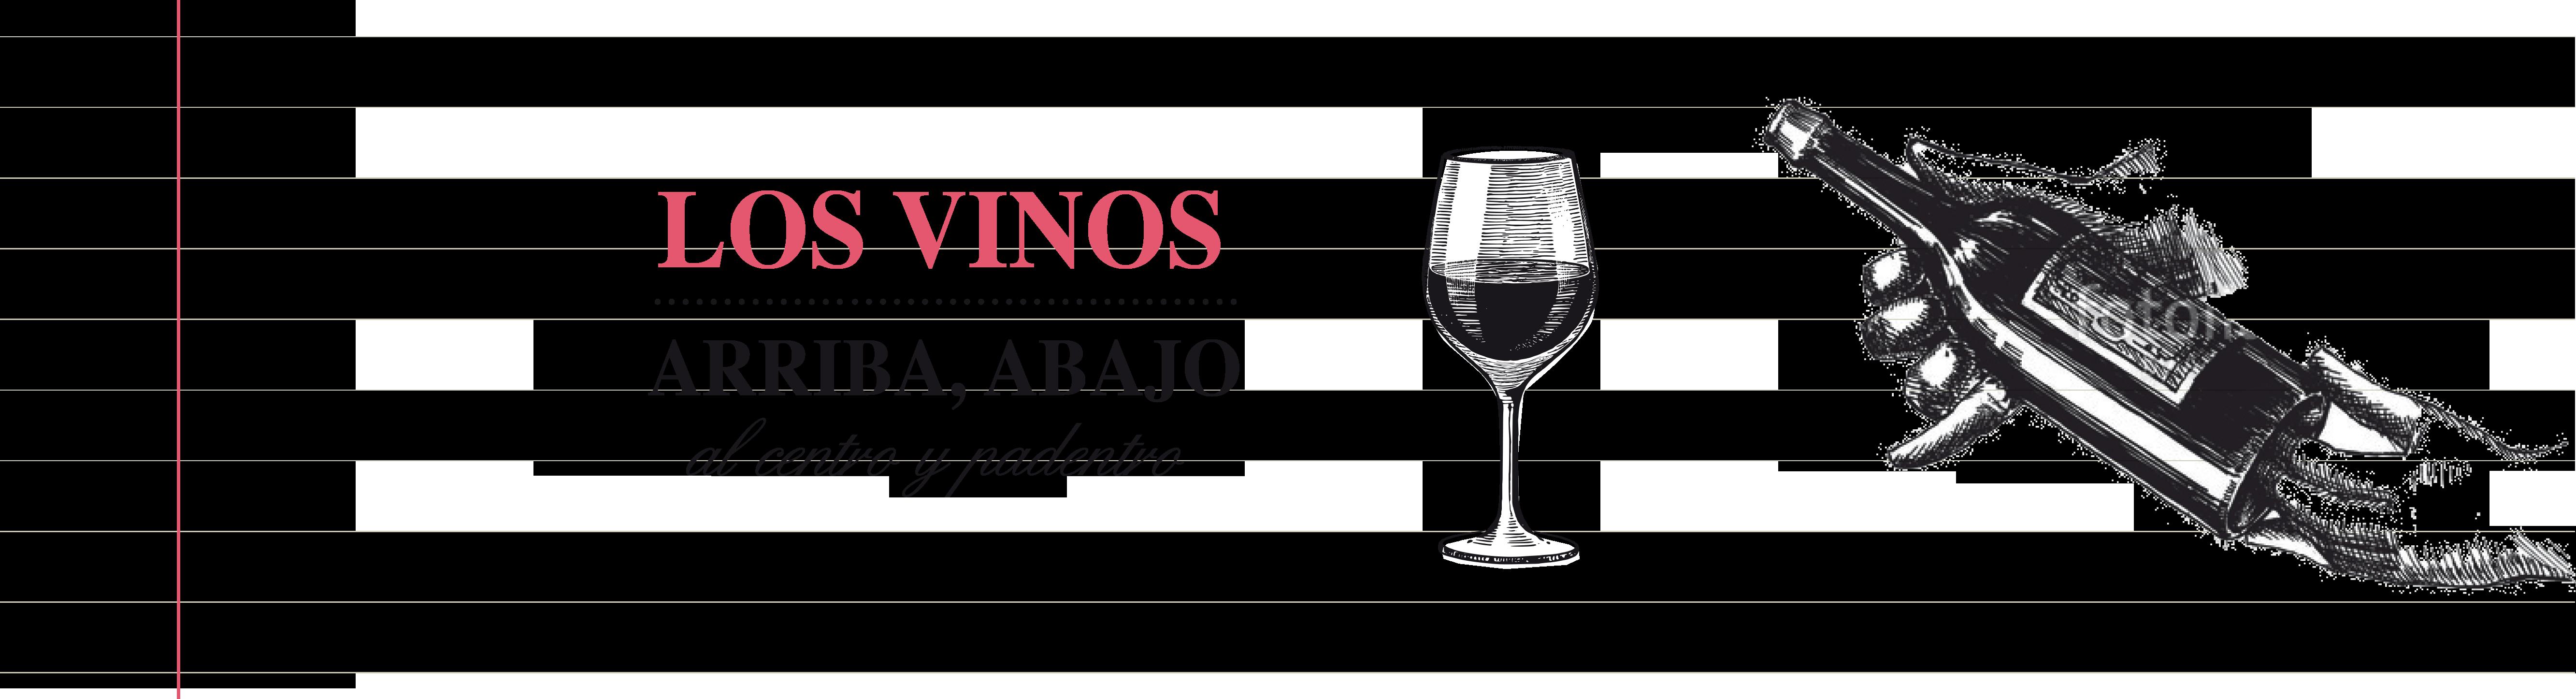 carta de vinos perretxiCo